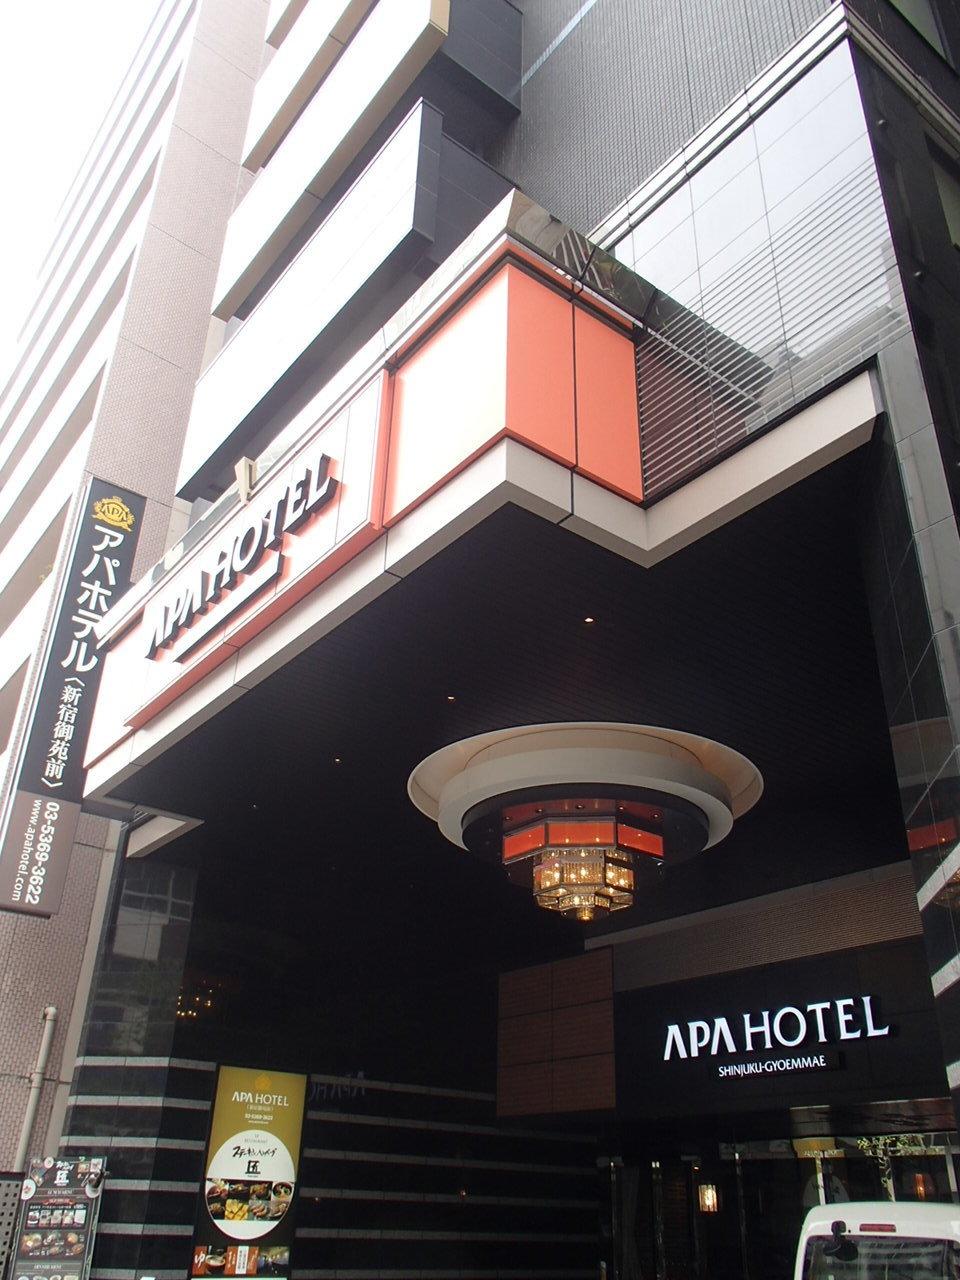 御苑 アパホテル 新宿